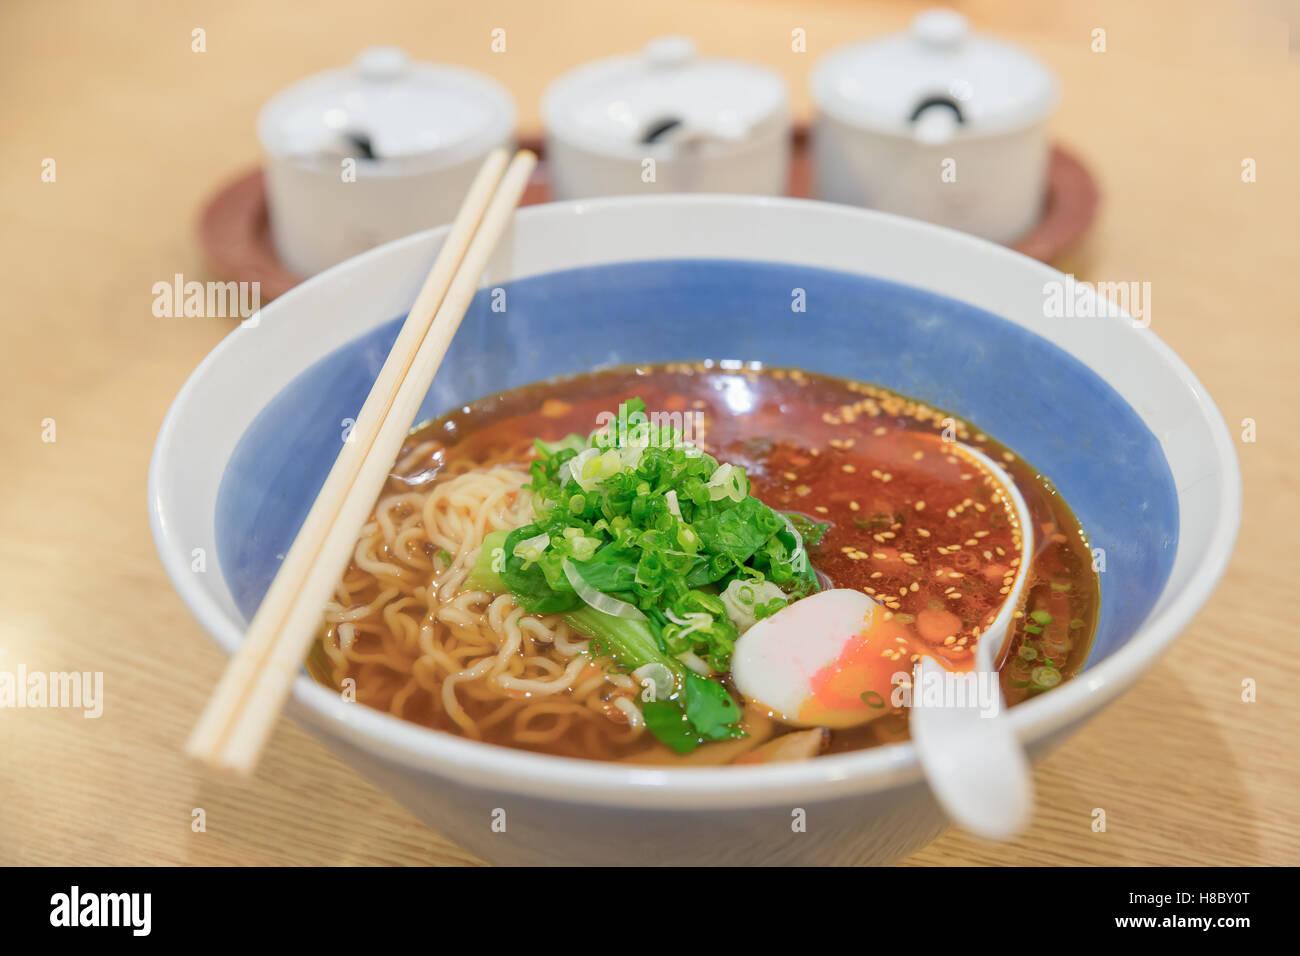 Spicy asian ramen noodle soup nella ciotola. Immagini Stock